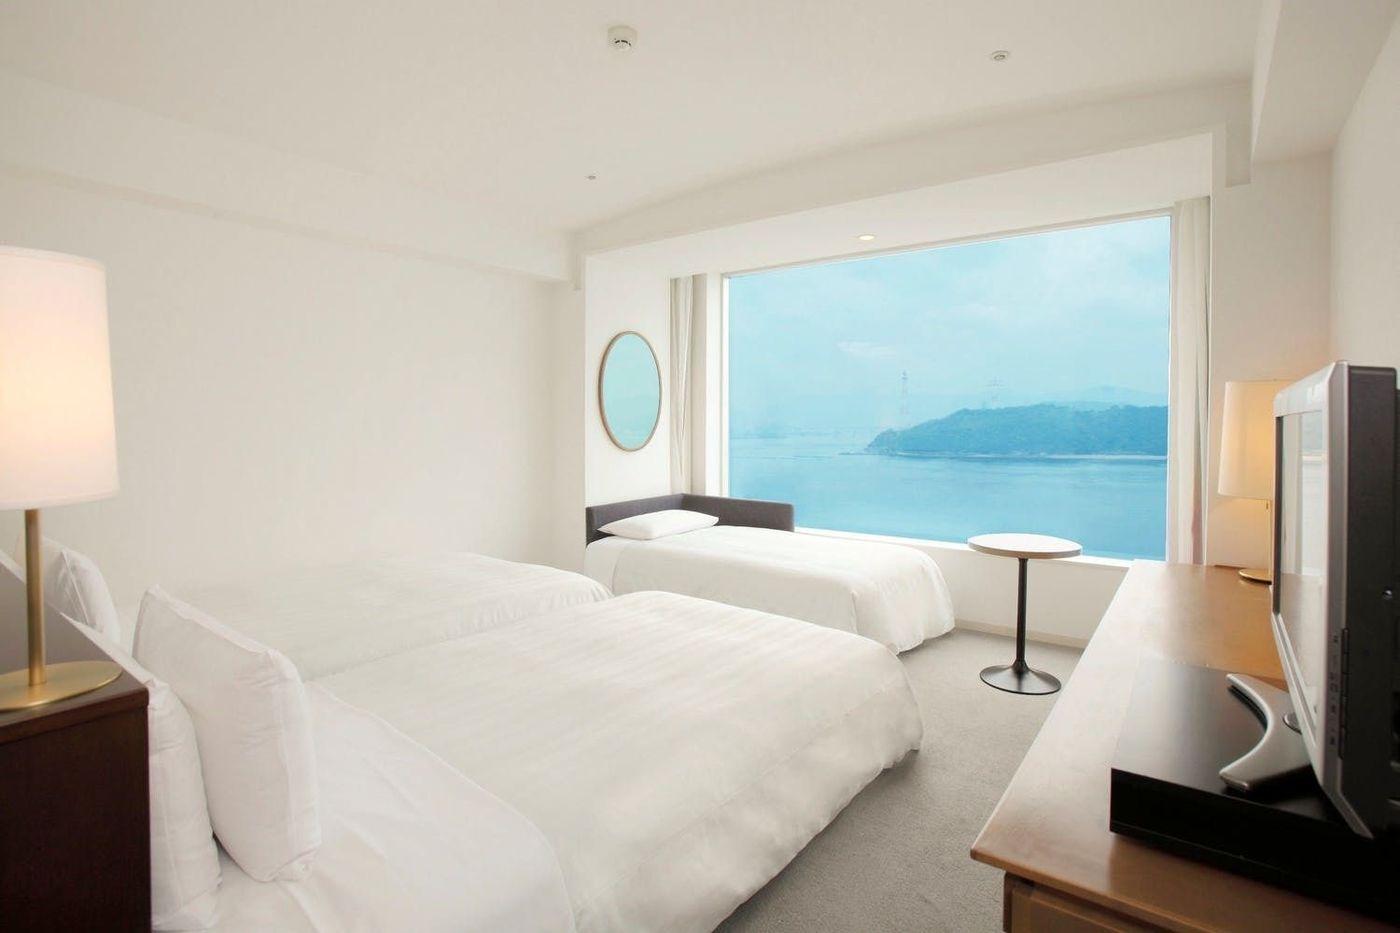 広島のホテルを安い値段で!旅行・ビジネスで利用したい9選◎の画像